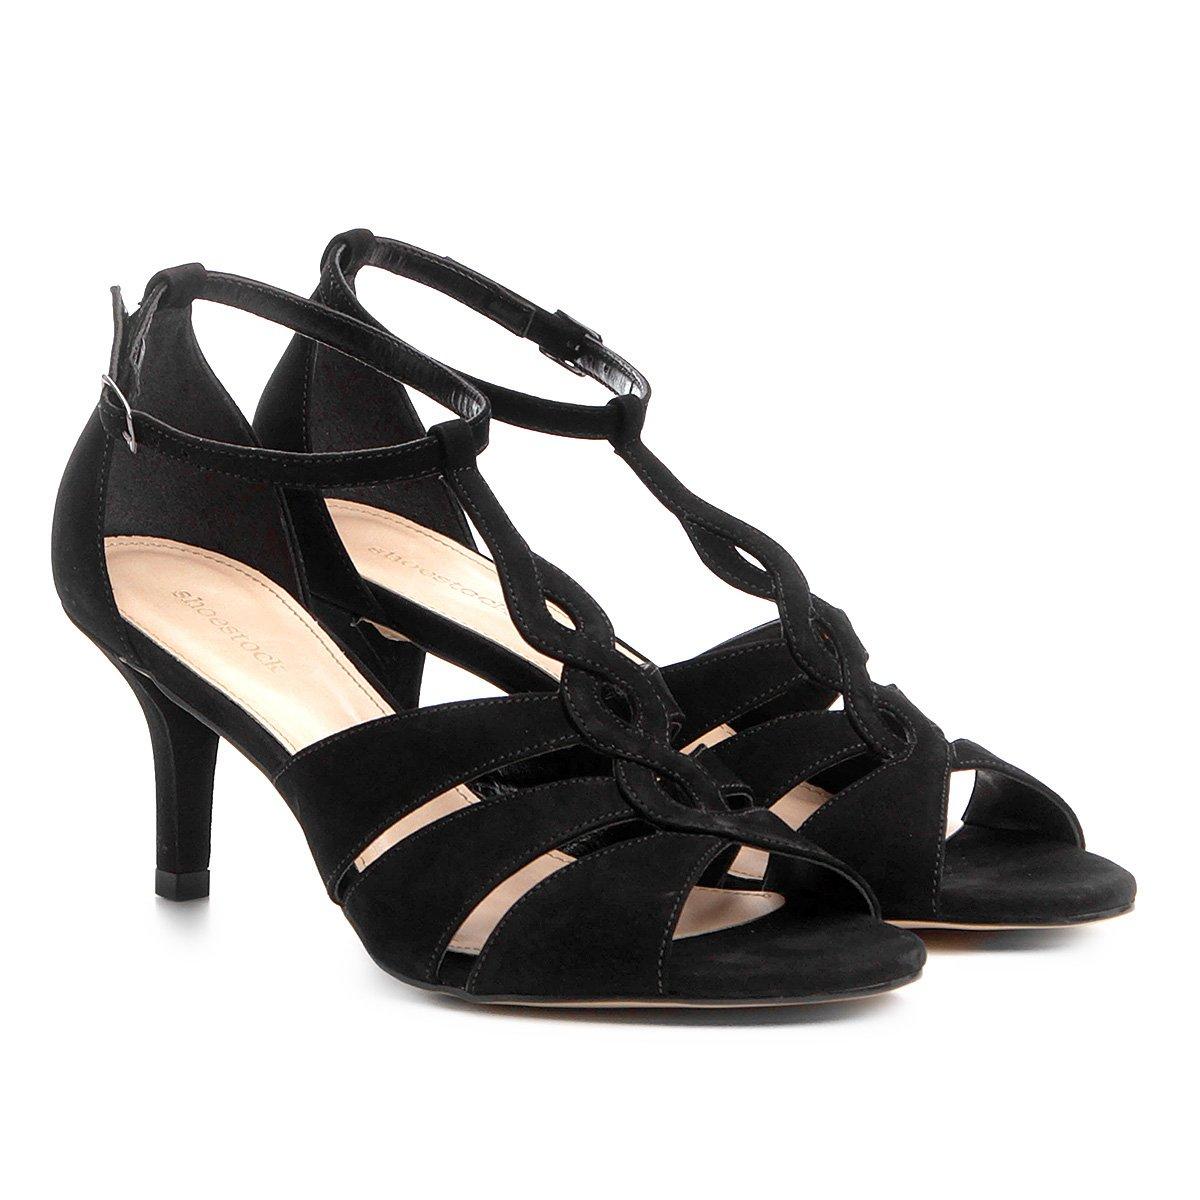 58a634248 Sandália Couro Shoestock Salto Fino Curvas Feminina | Shoestock